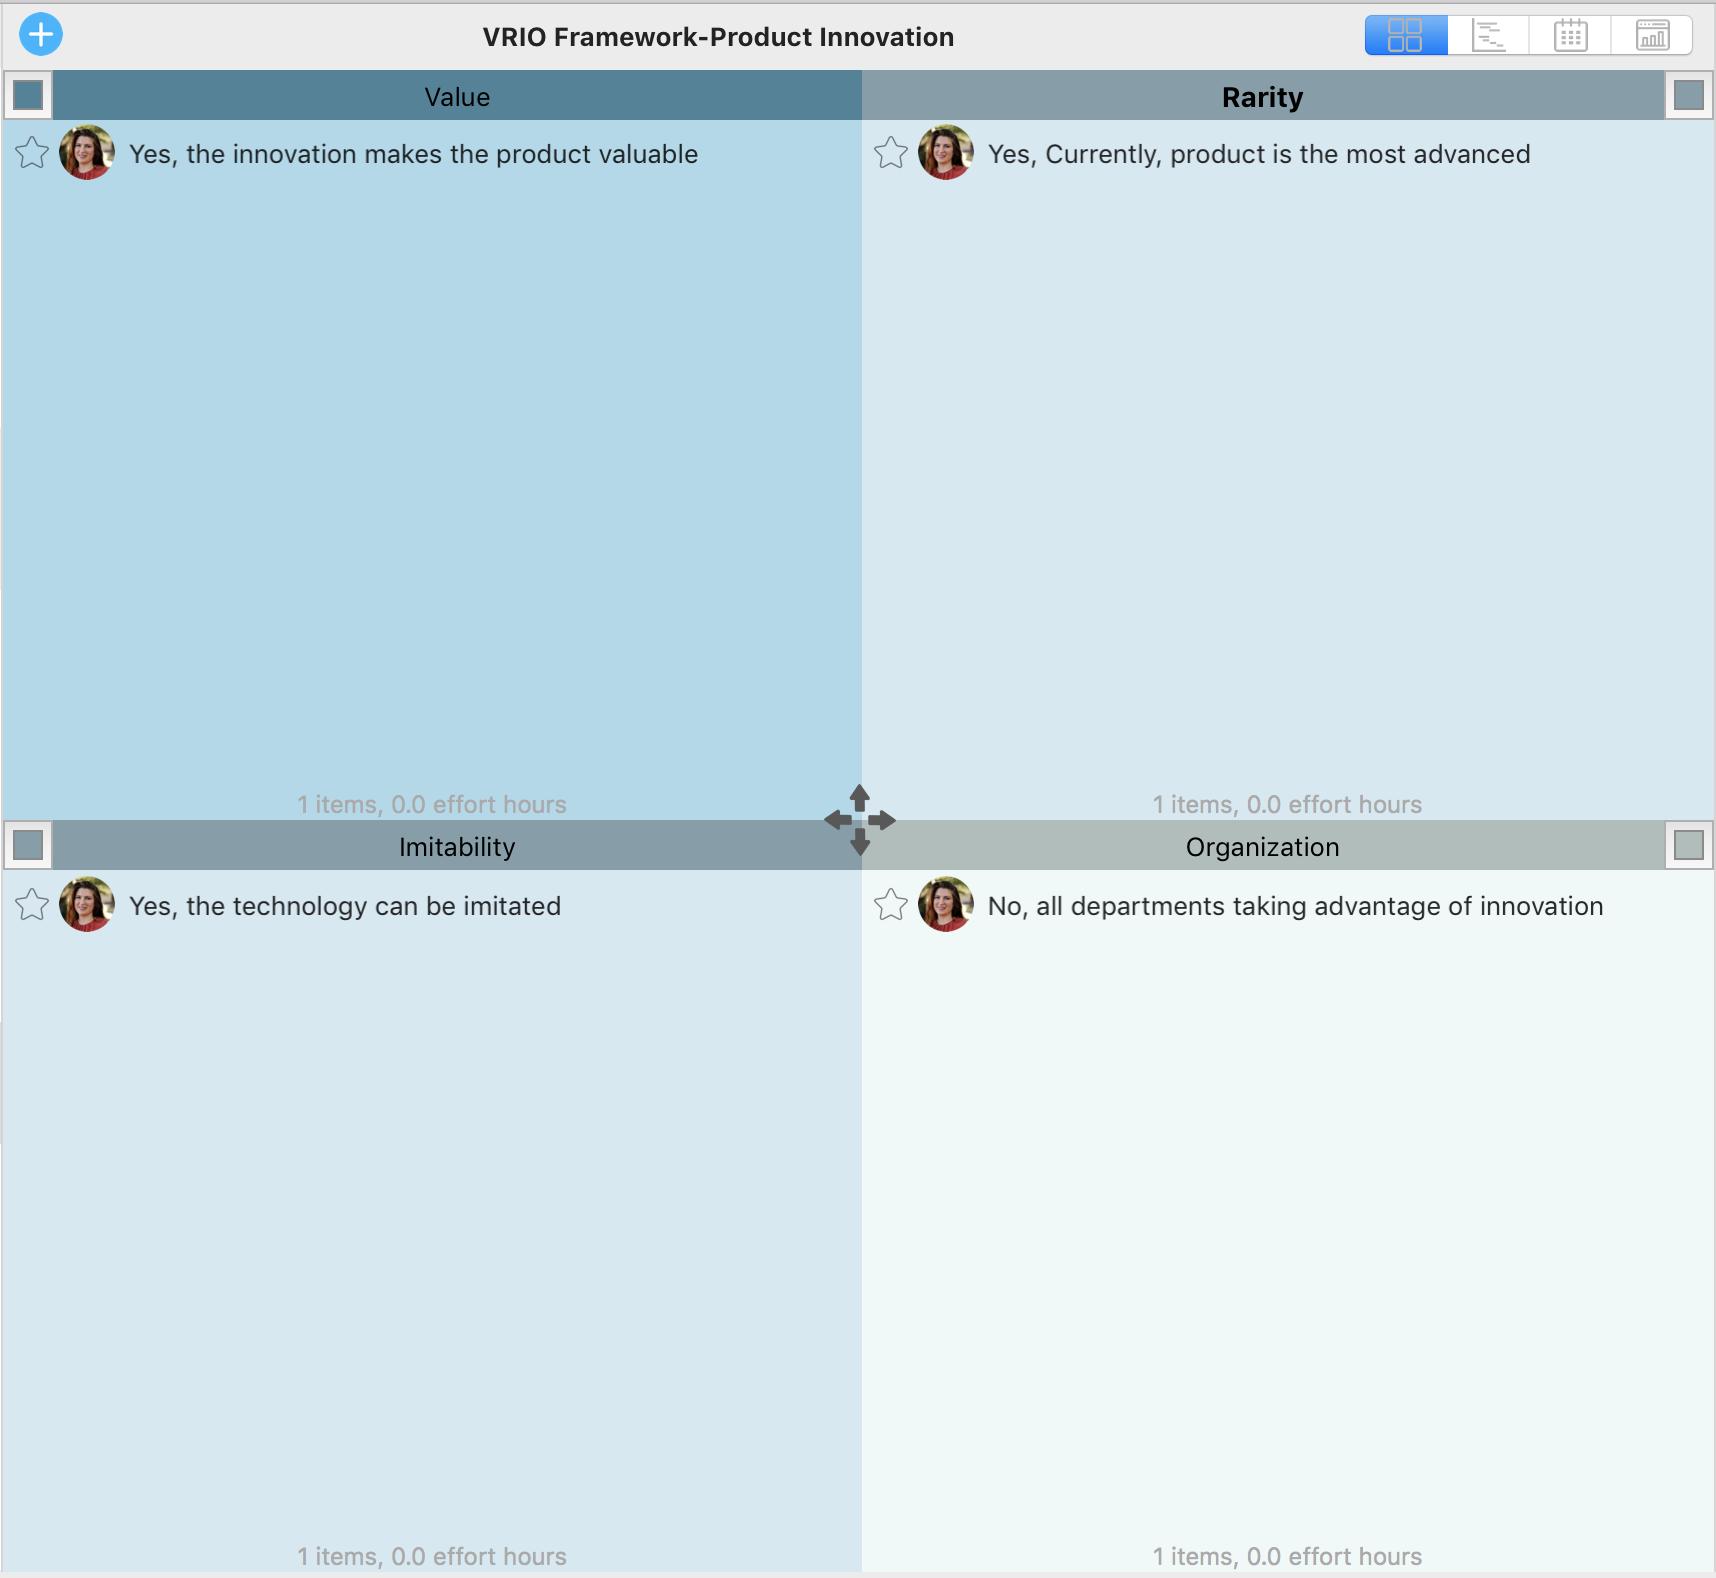 VRIO Framework template